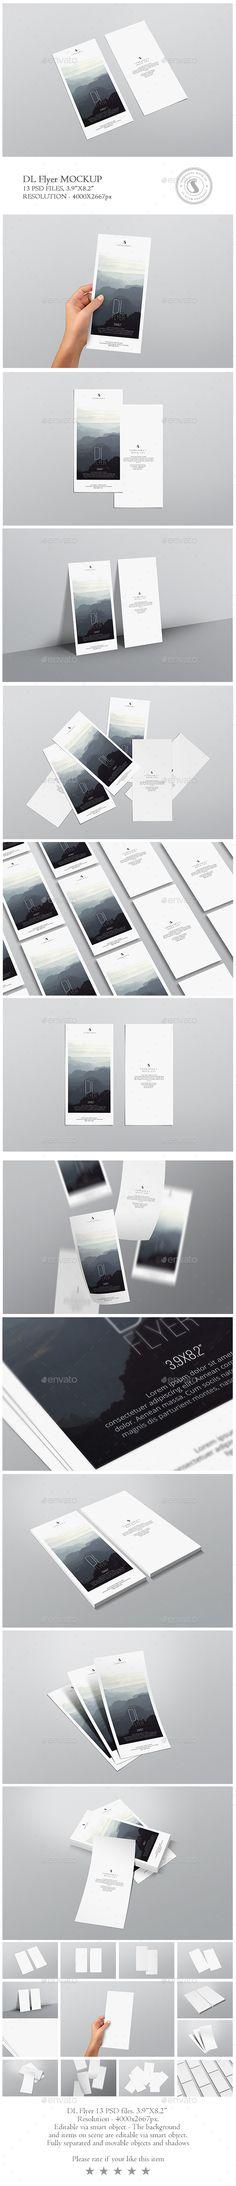 DL Flyer Mockup #design Download: http://graphicriver.net/item/dl-flyer-mockup/14165048?ref=ksioks